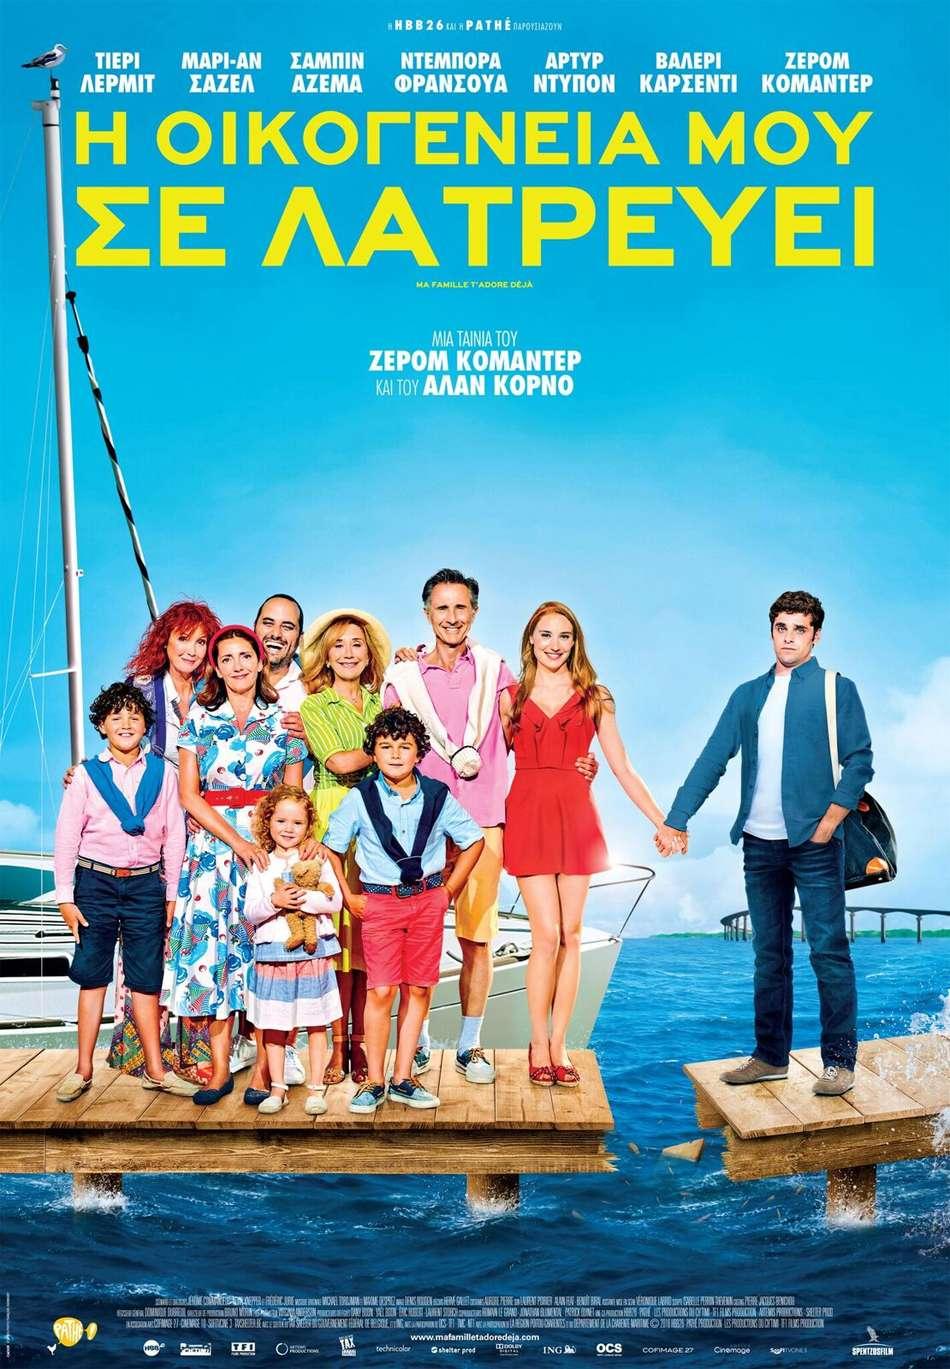 Η Οικογένεια Μου Σε Λατρεύει (Ma famille t'adore déjà) Poster Πόστερ